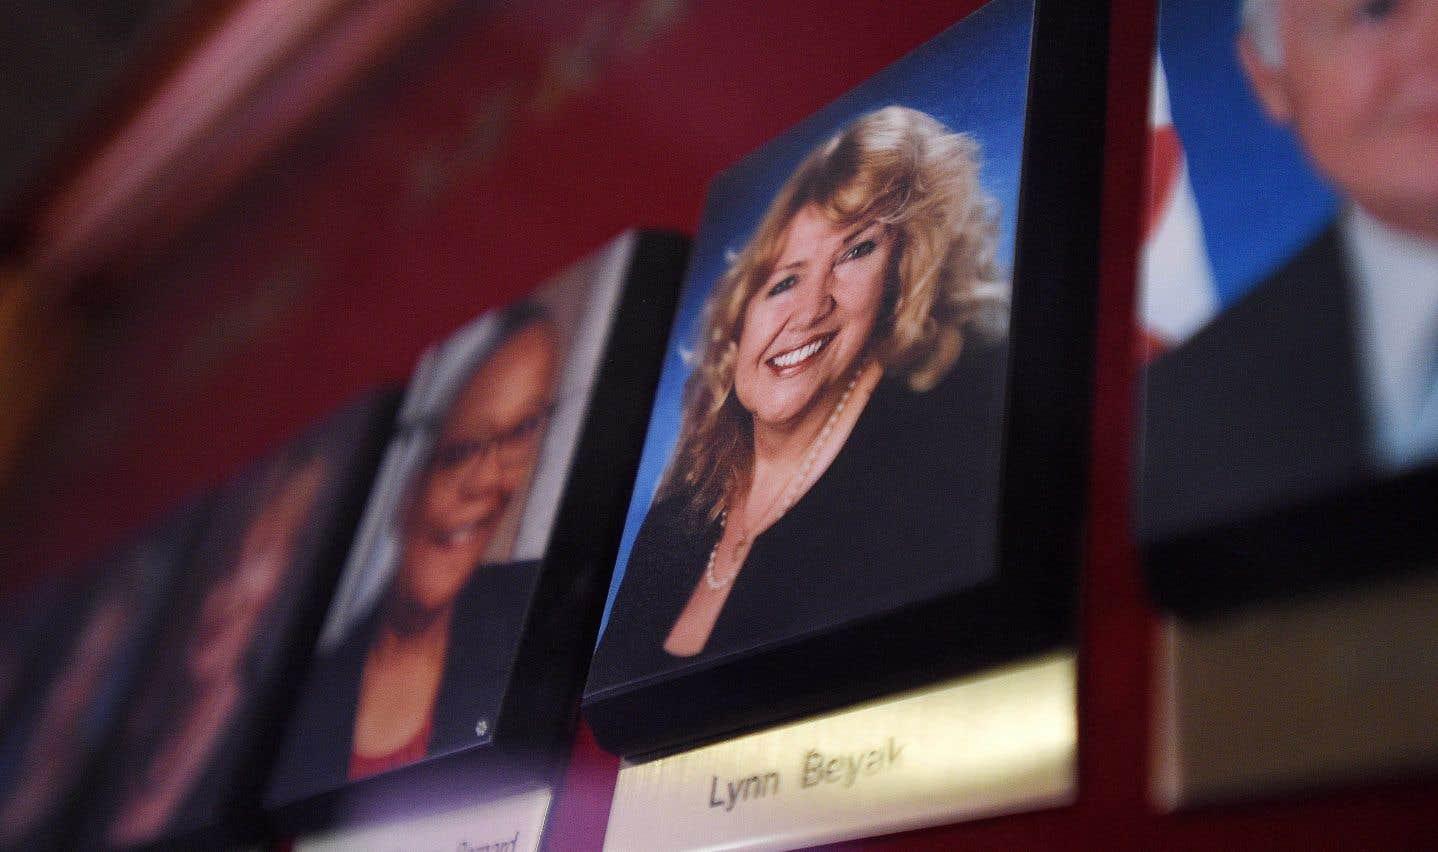 La sénatrice ontarienneLynn Beyak accuse le chef conservateur élu en mai dernier d'être tombé dans un piège tendu par les médias.